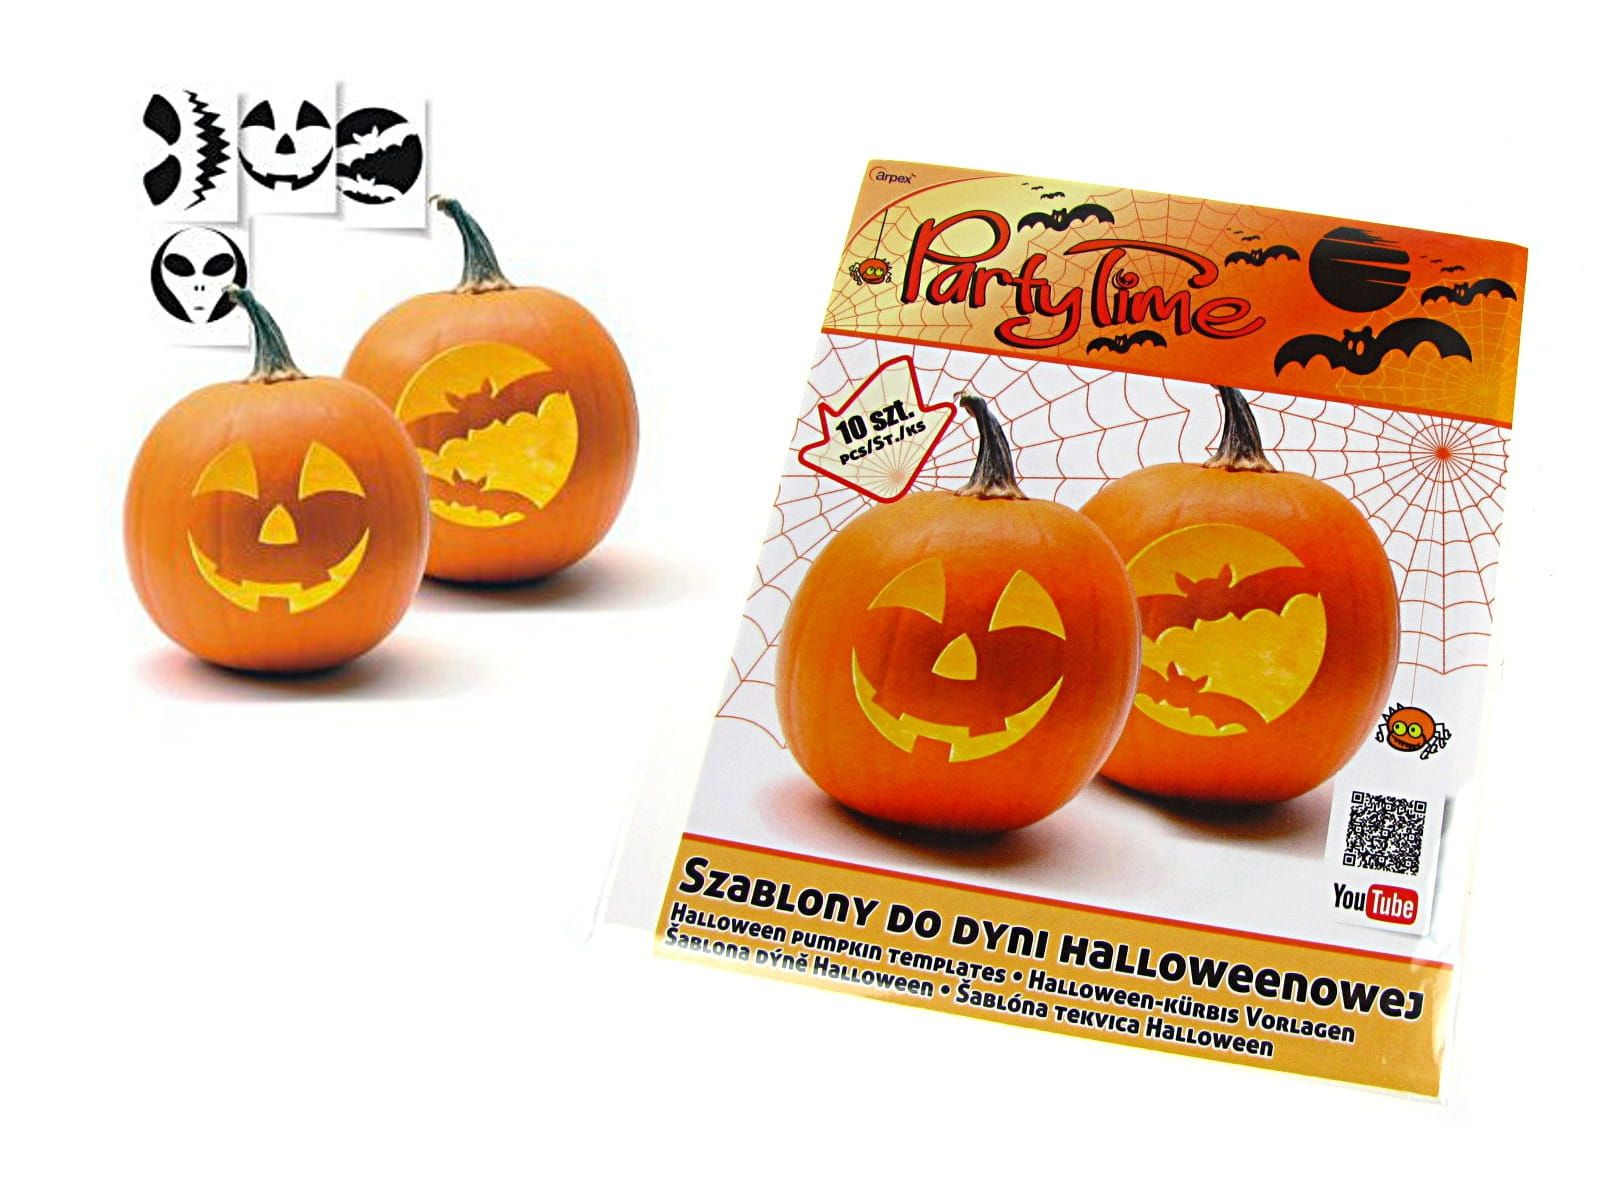 Szablony do dyni Szablony, Dynie, Halloween